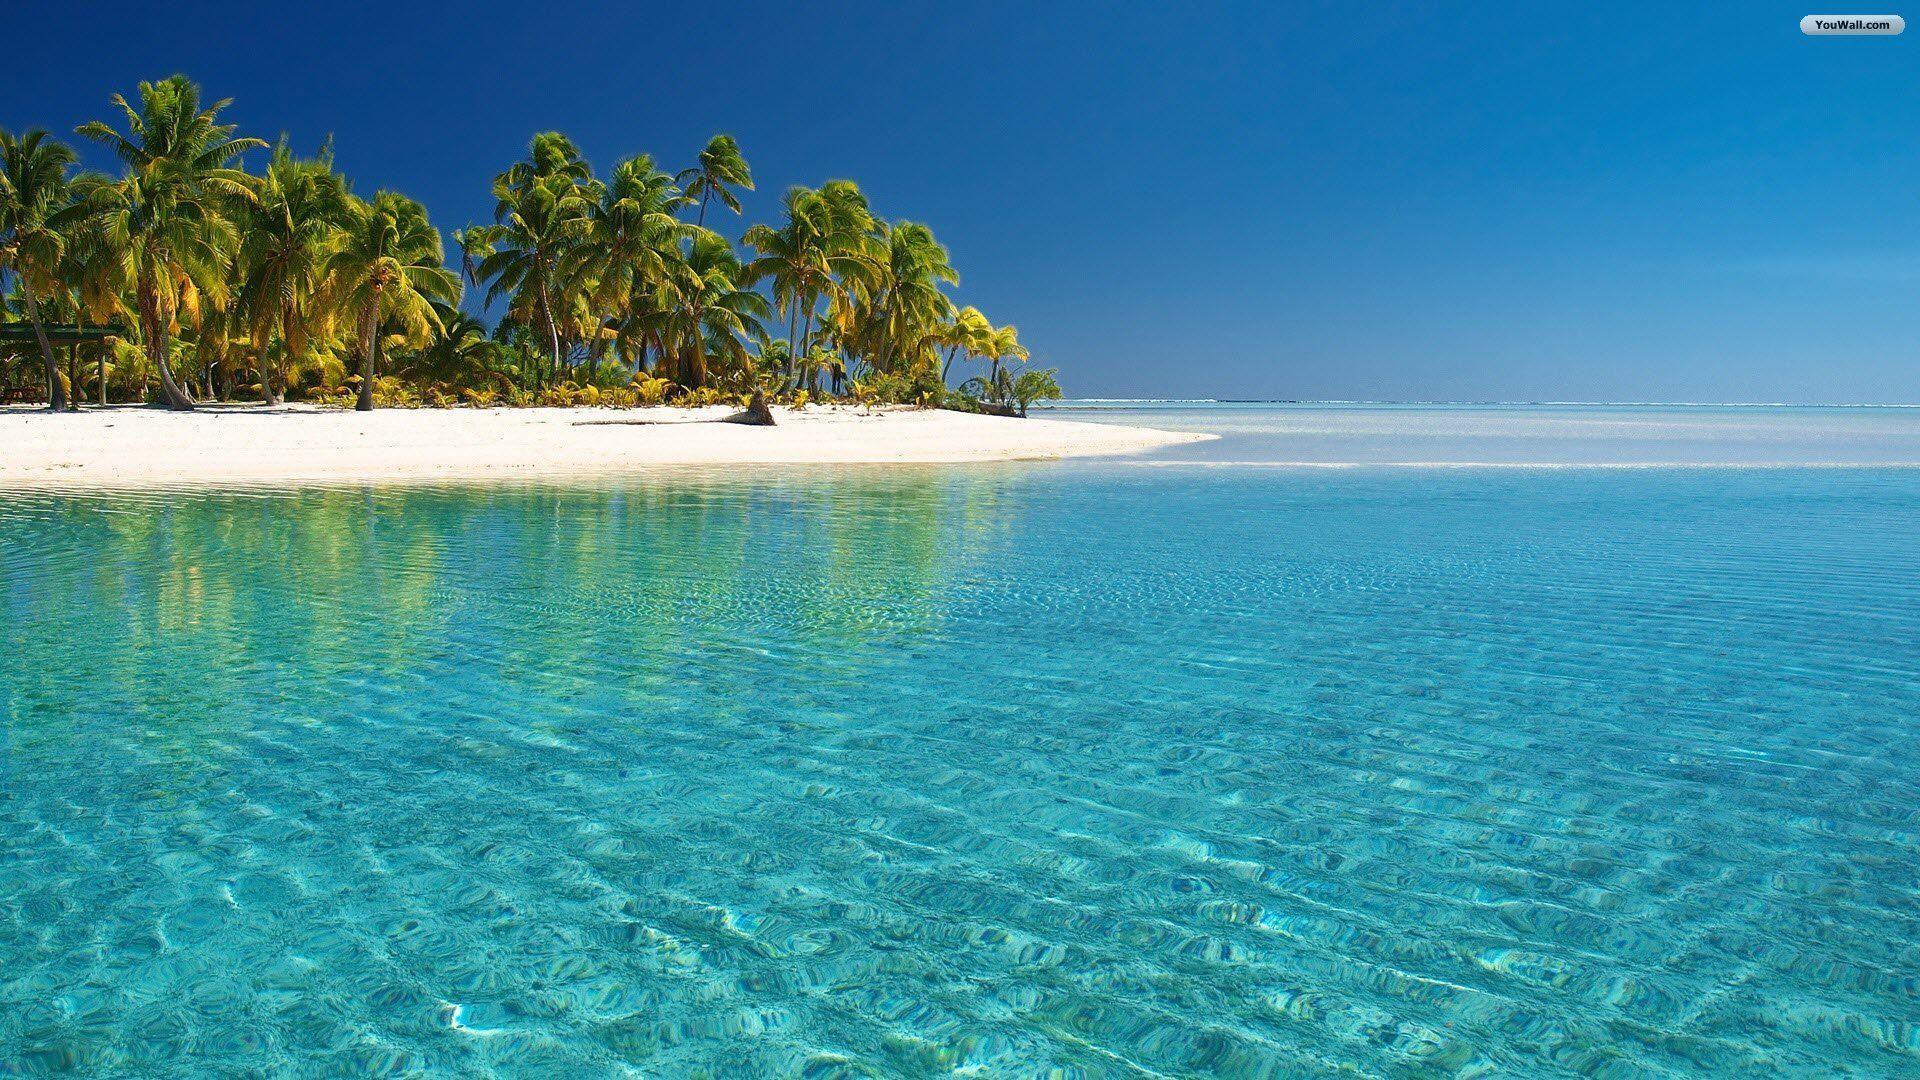 Beach Desktop Wallpapers Top Free Beach Desktop